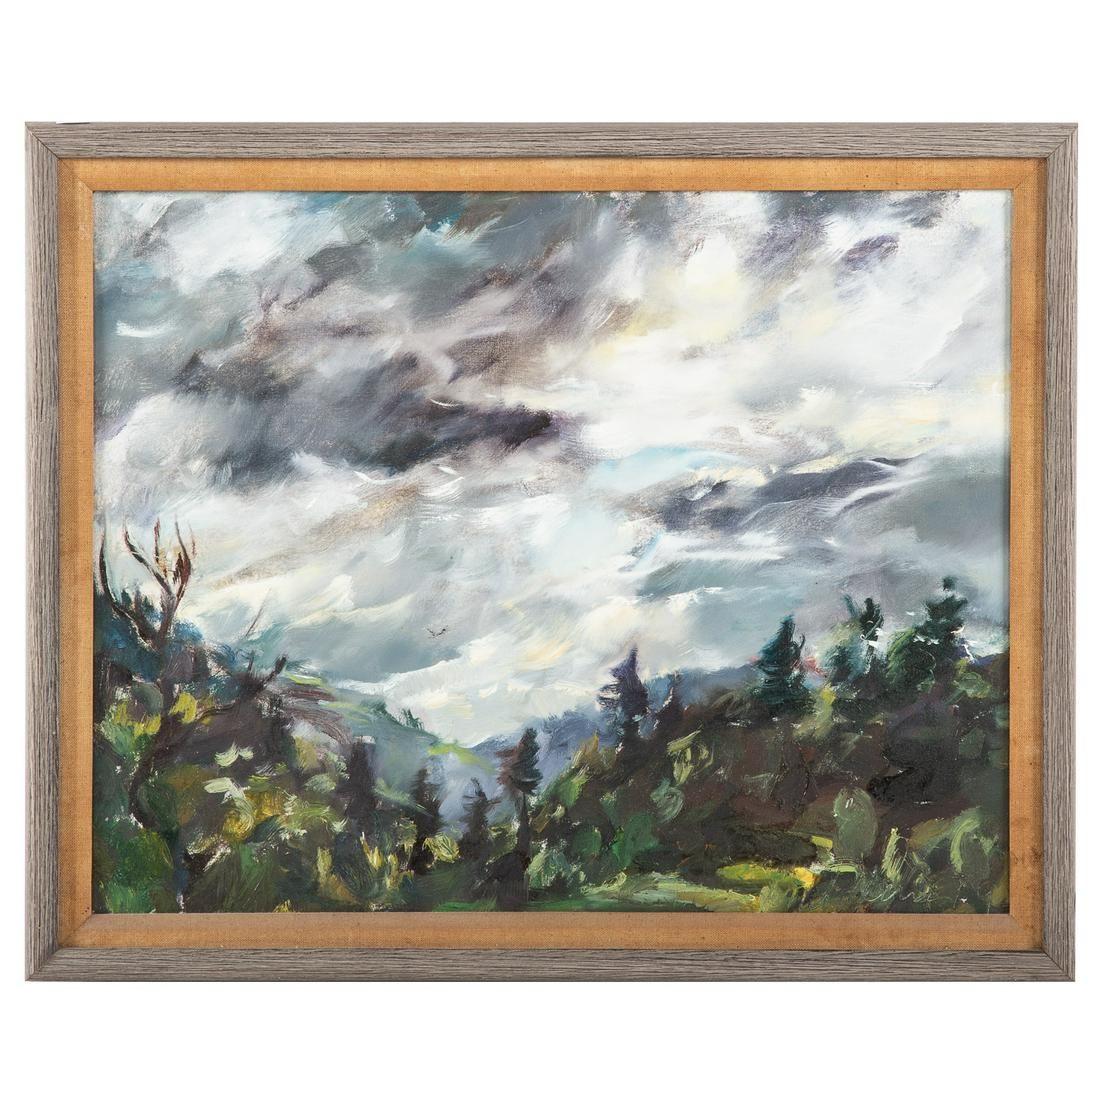 Raoul Middleman. Turbulent Landscape, oil